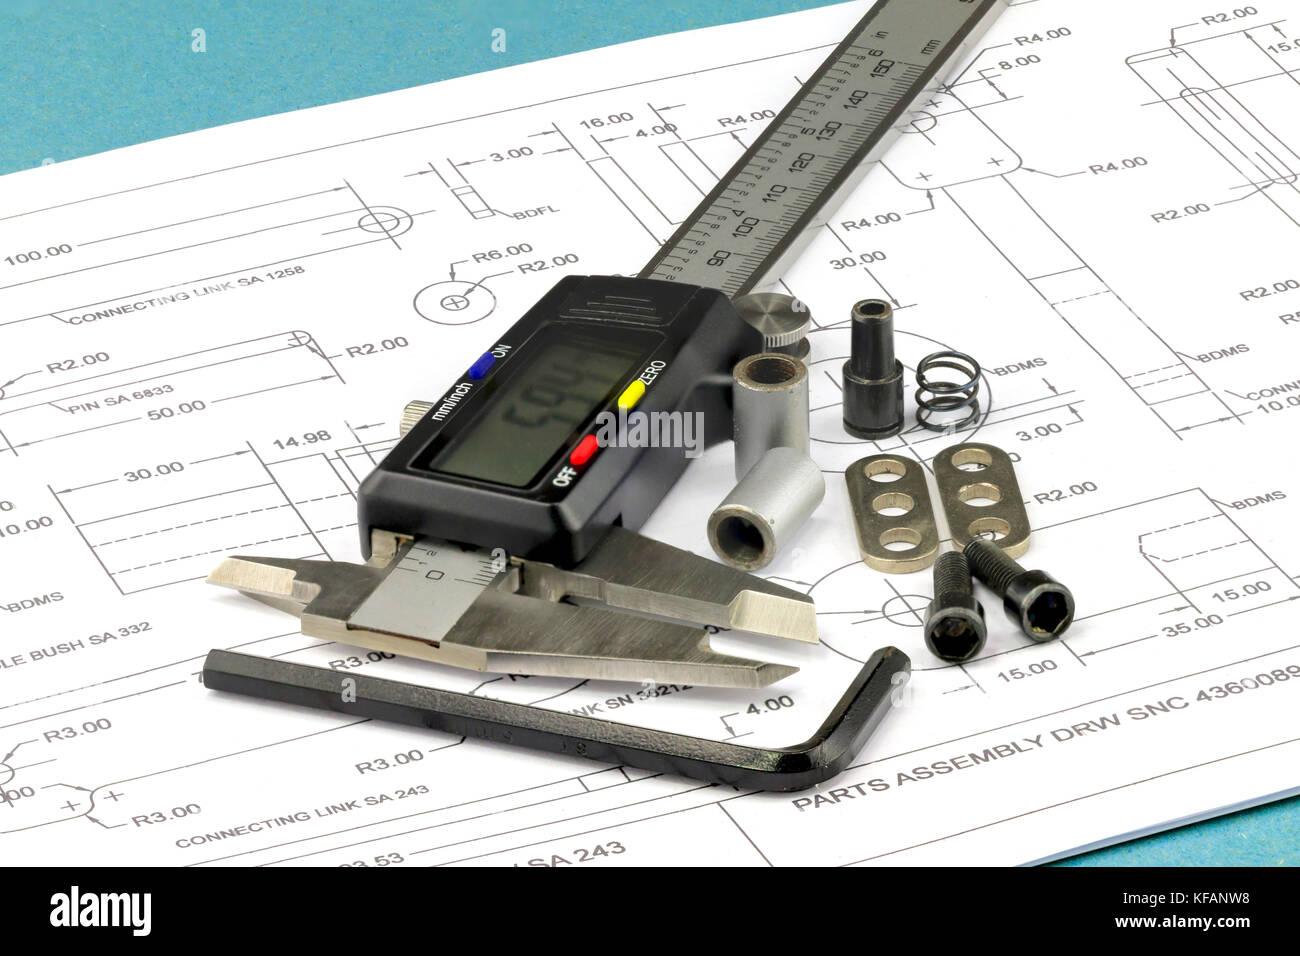 Messschieber, Metallteile und Inbusschlüssel auf einer technischen Zeichnung Hintergrund platziert Stockbild